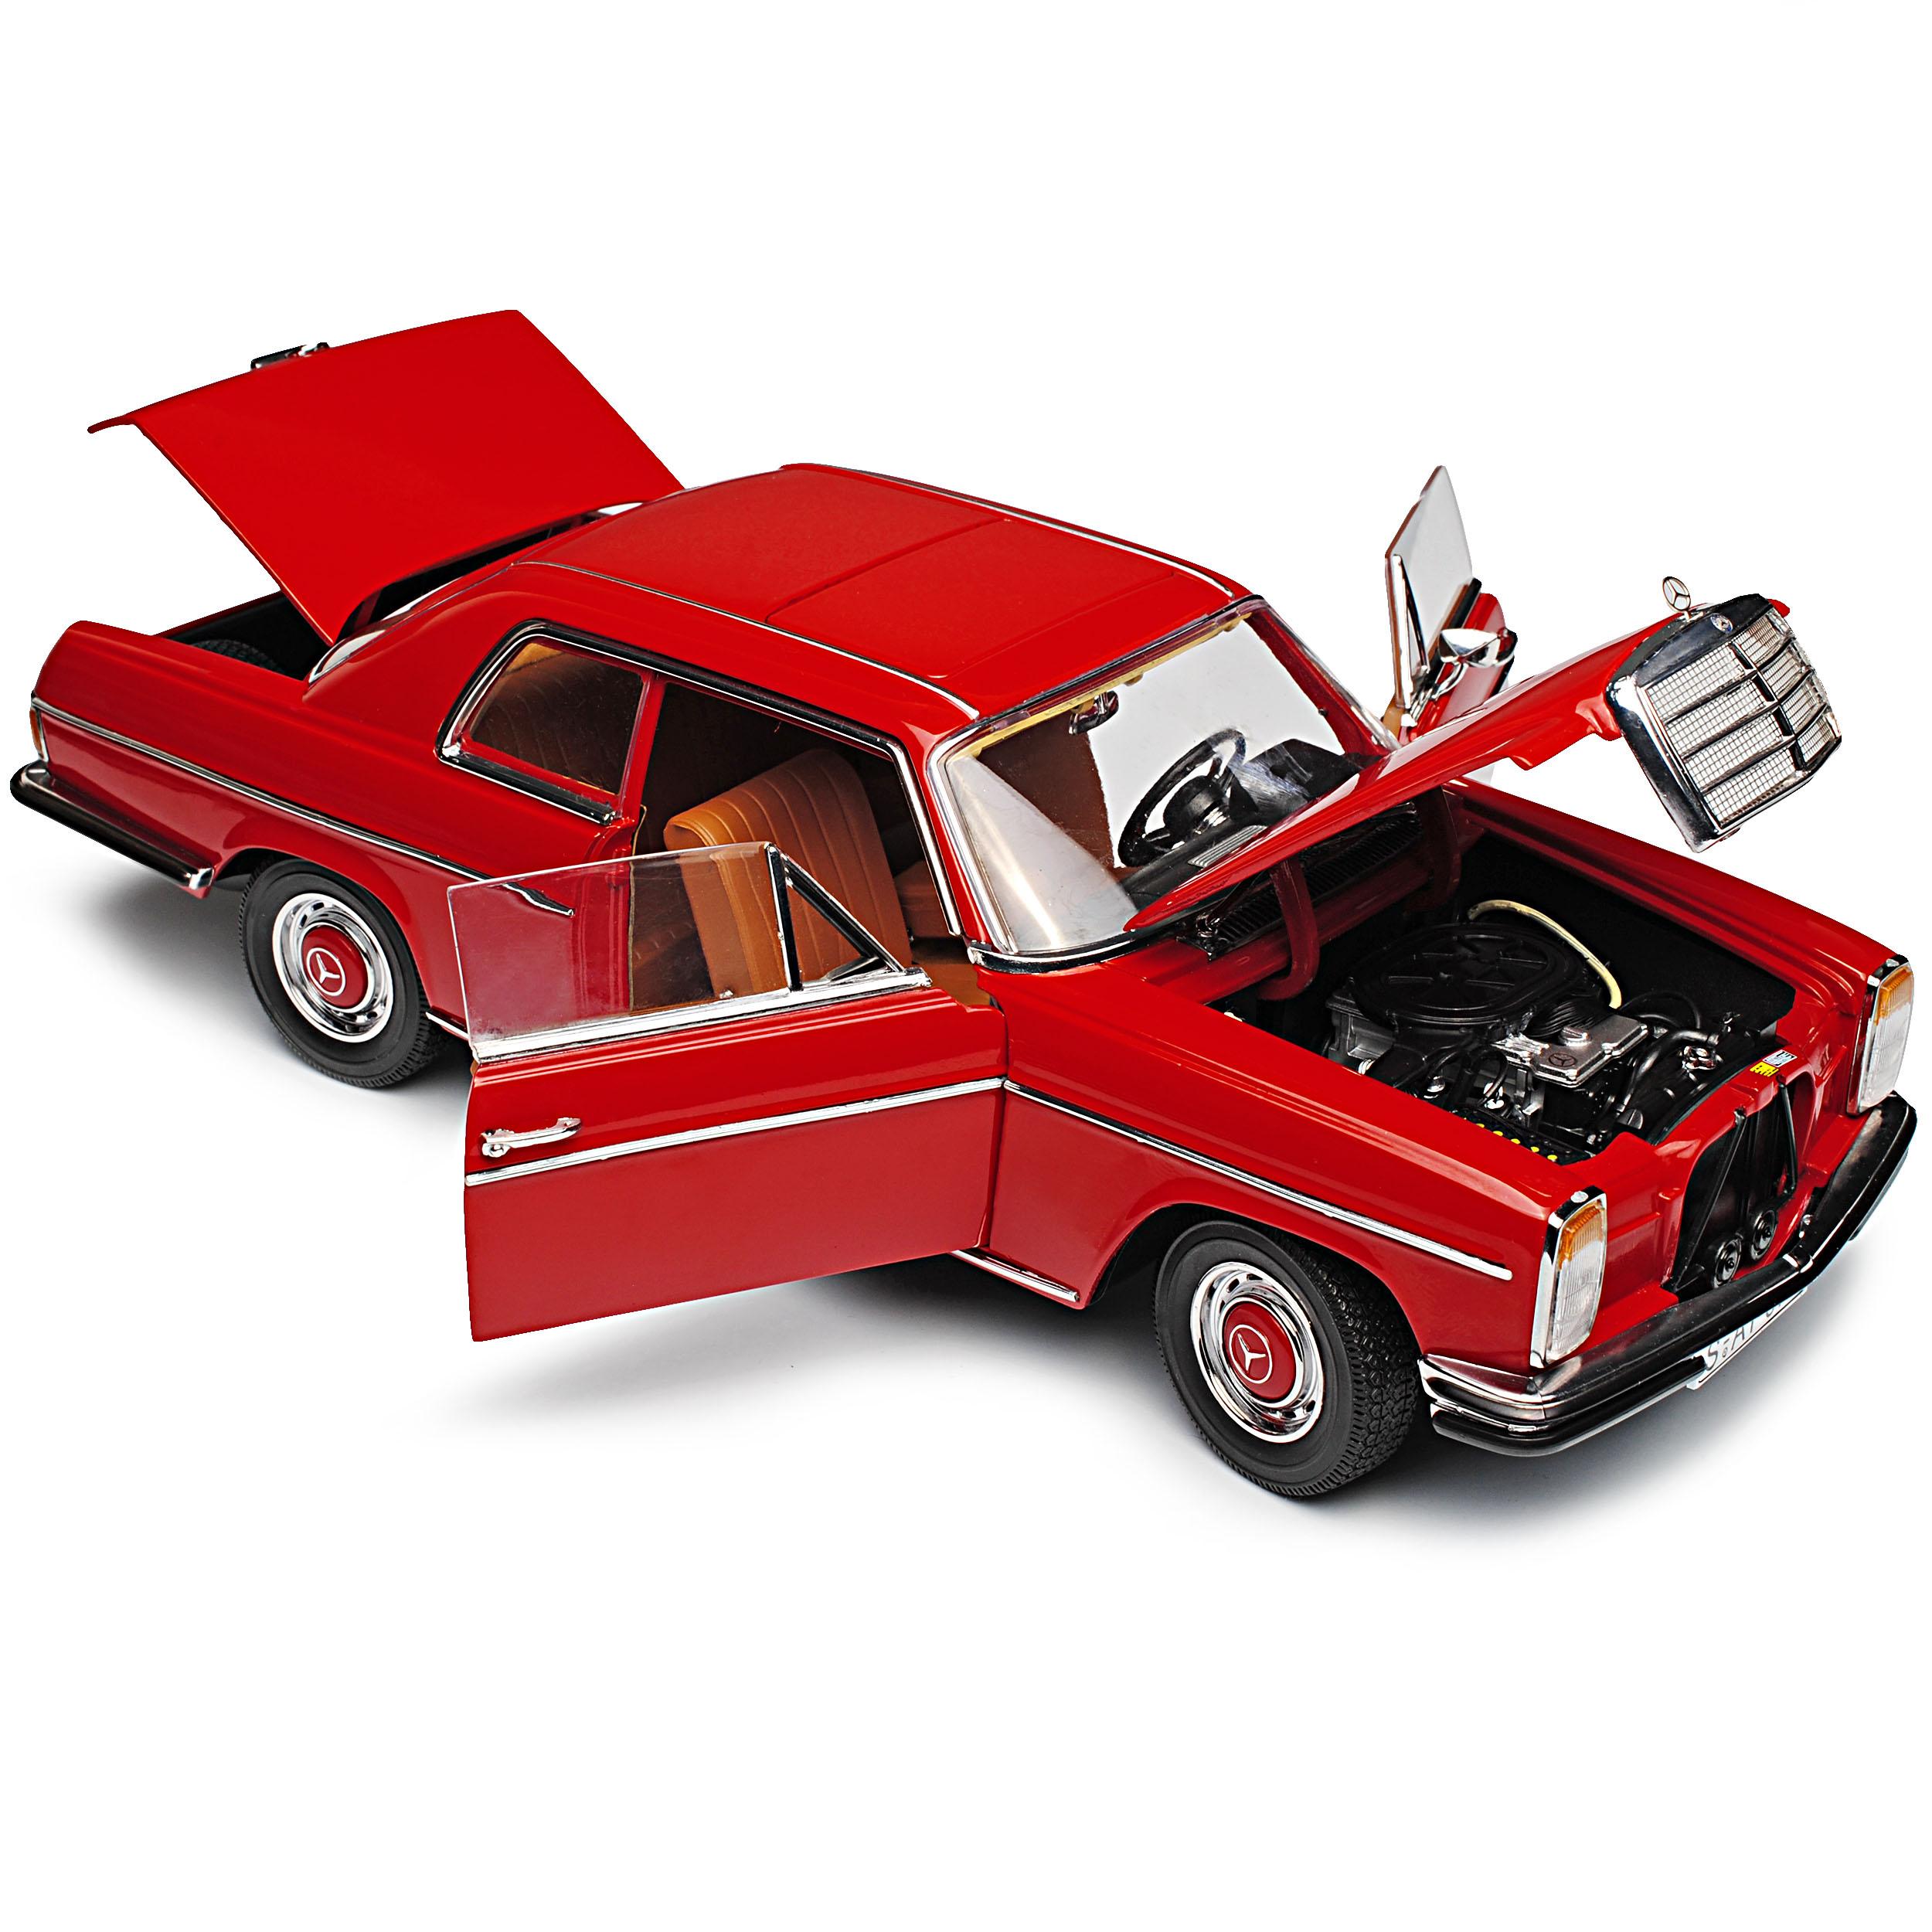 Mercedes-Benz-8-Strich-Acht-Coupe-Dunkel-Rot-W114-1967-1976-1-18-Sun-Star-Mod Indexbild 9